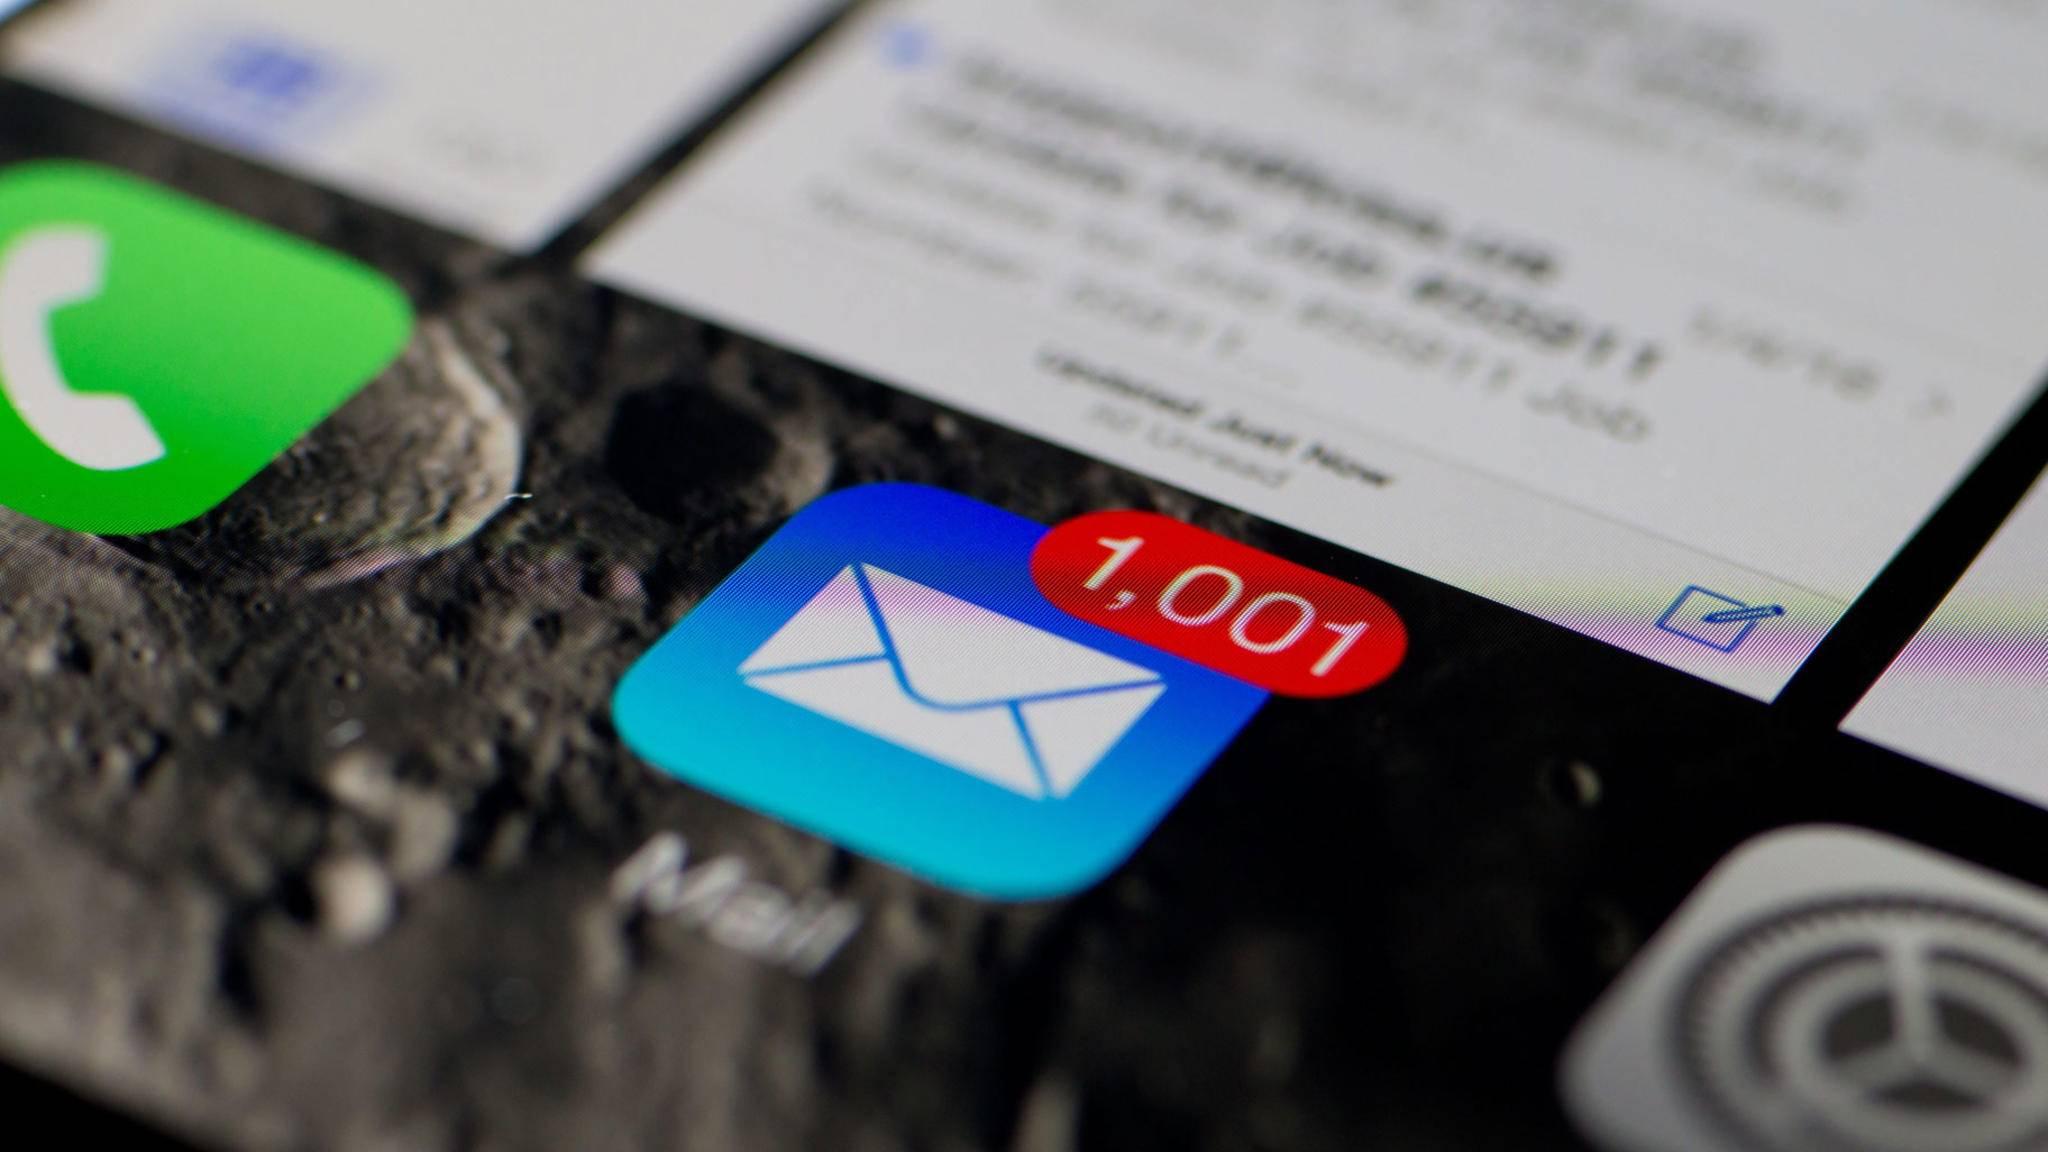 Das kannst Du tun, wenn Du auf dem iPhone keine Mails empfangen oder senden kannst.